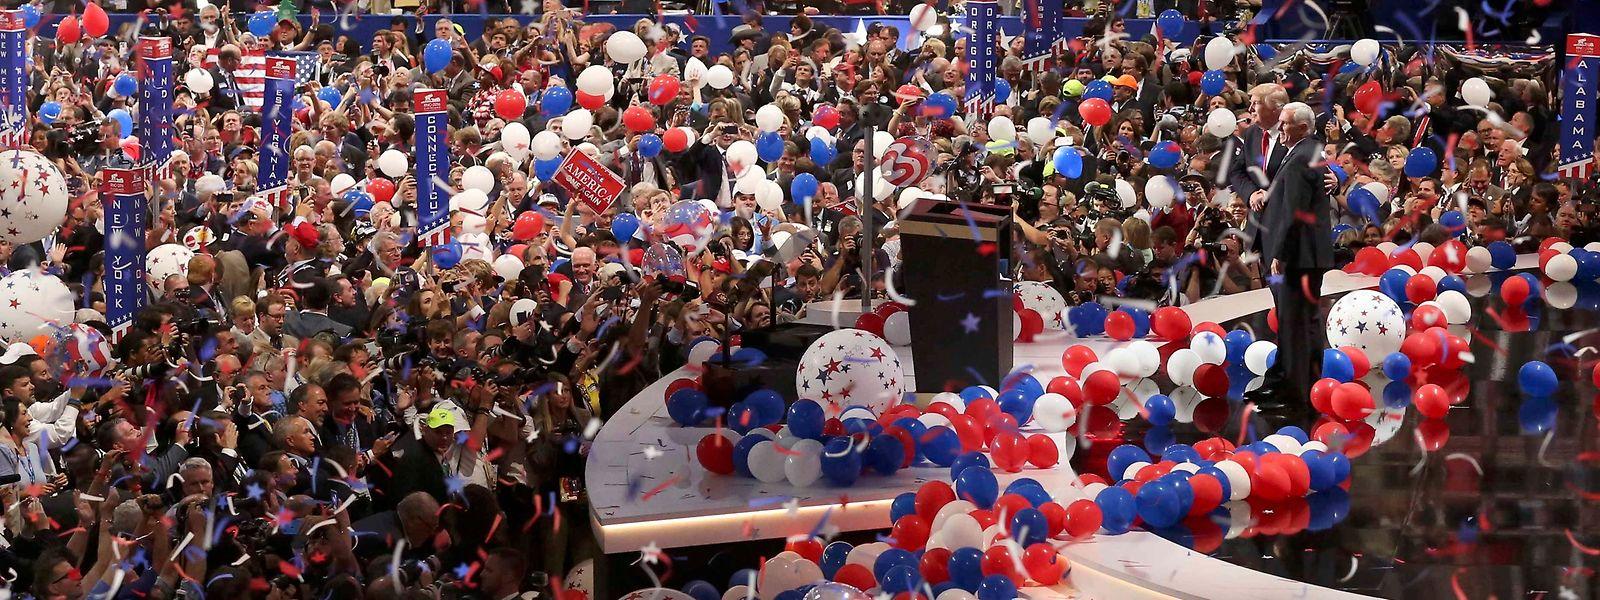 Covid-19 macht einen Strich durch die traditionellen amerikanischen Wahlparteitage.